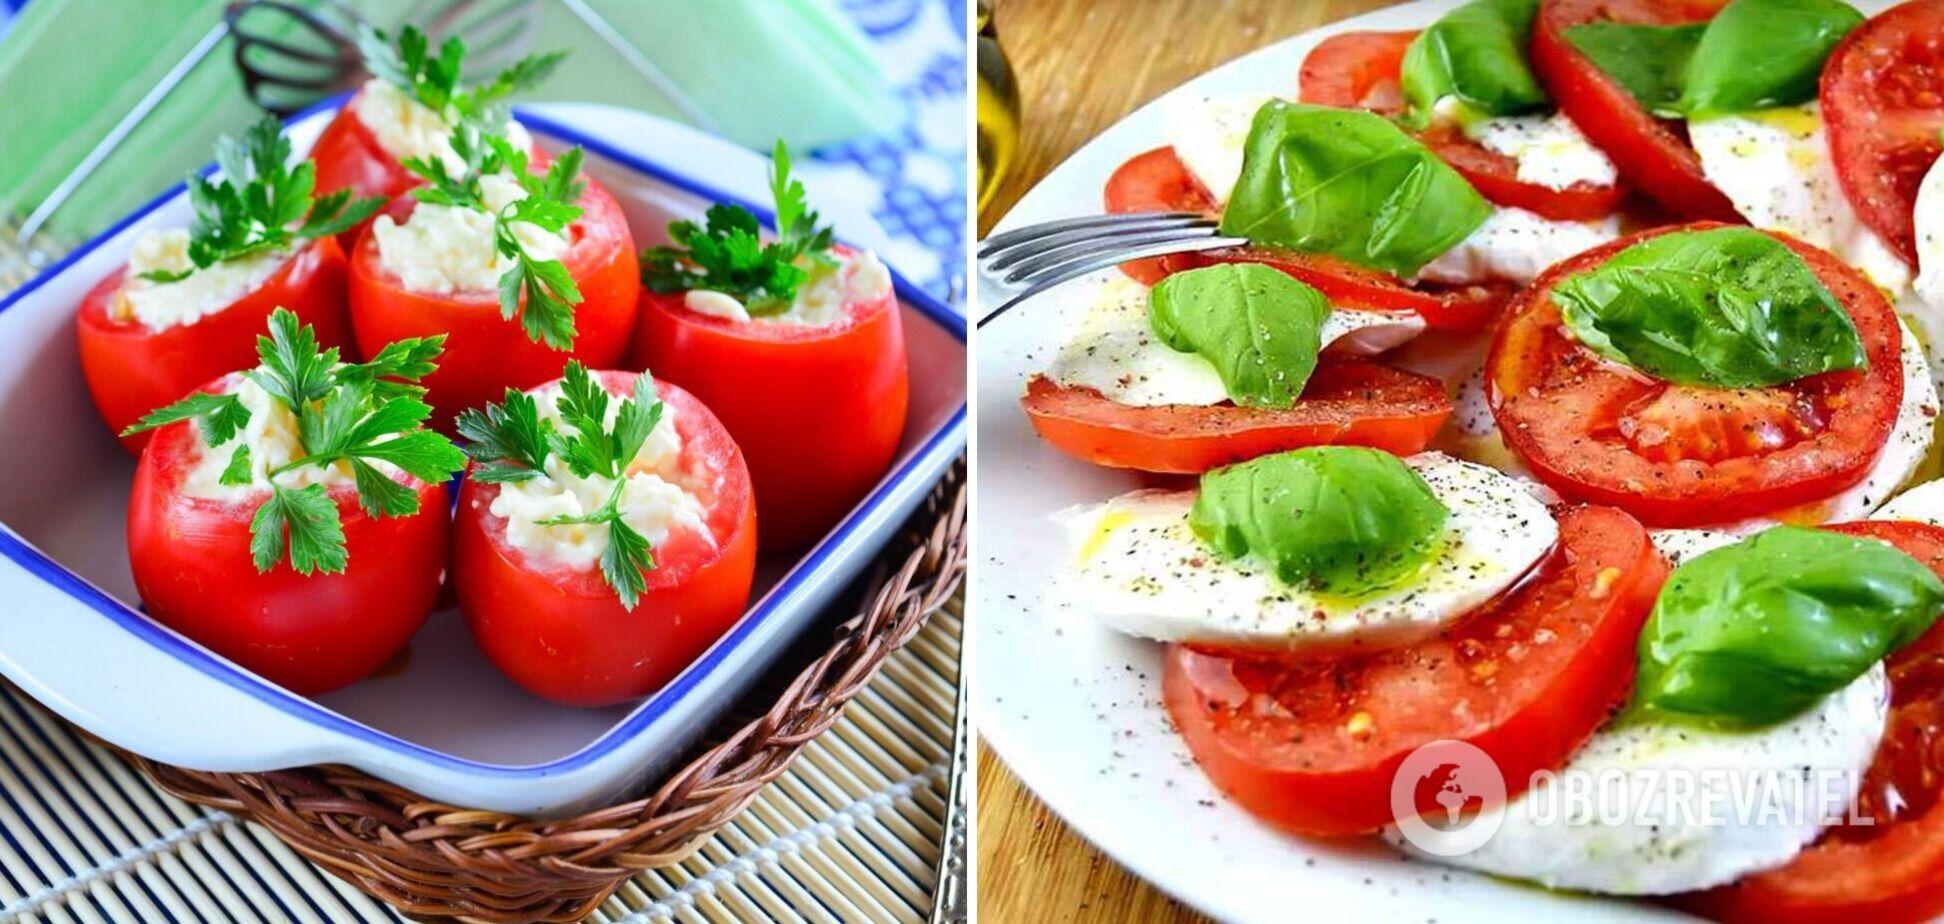 Як приготувати помідори по-новому: варіанти швидких закусок